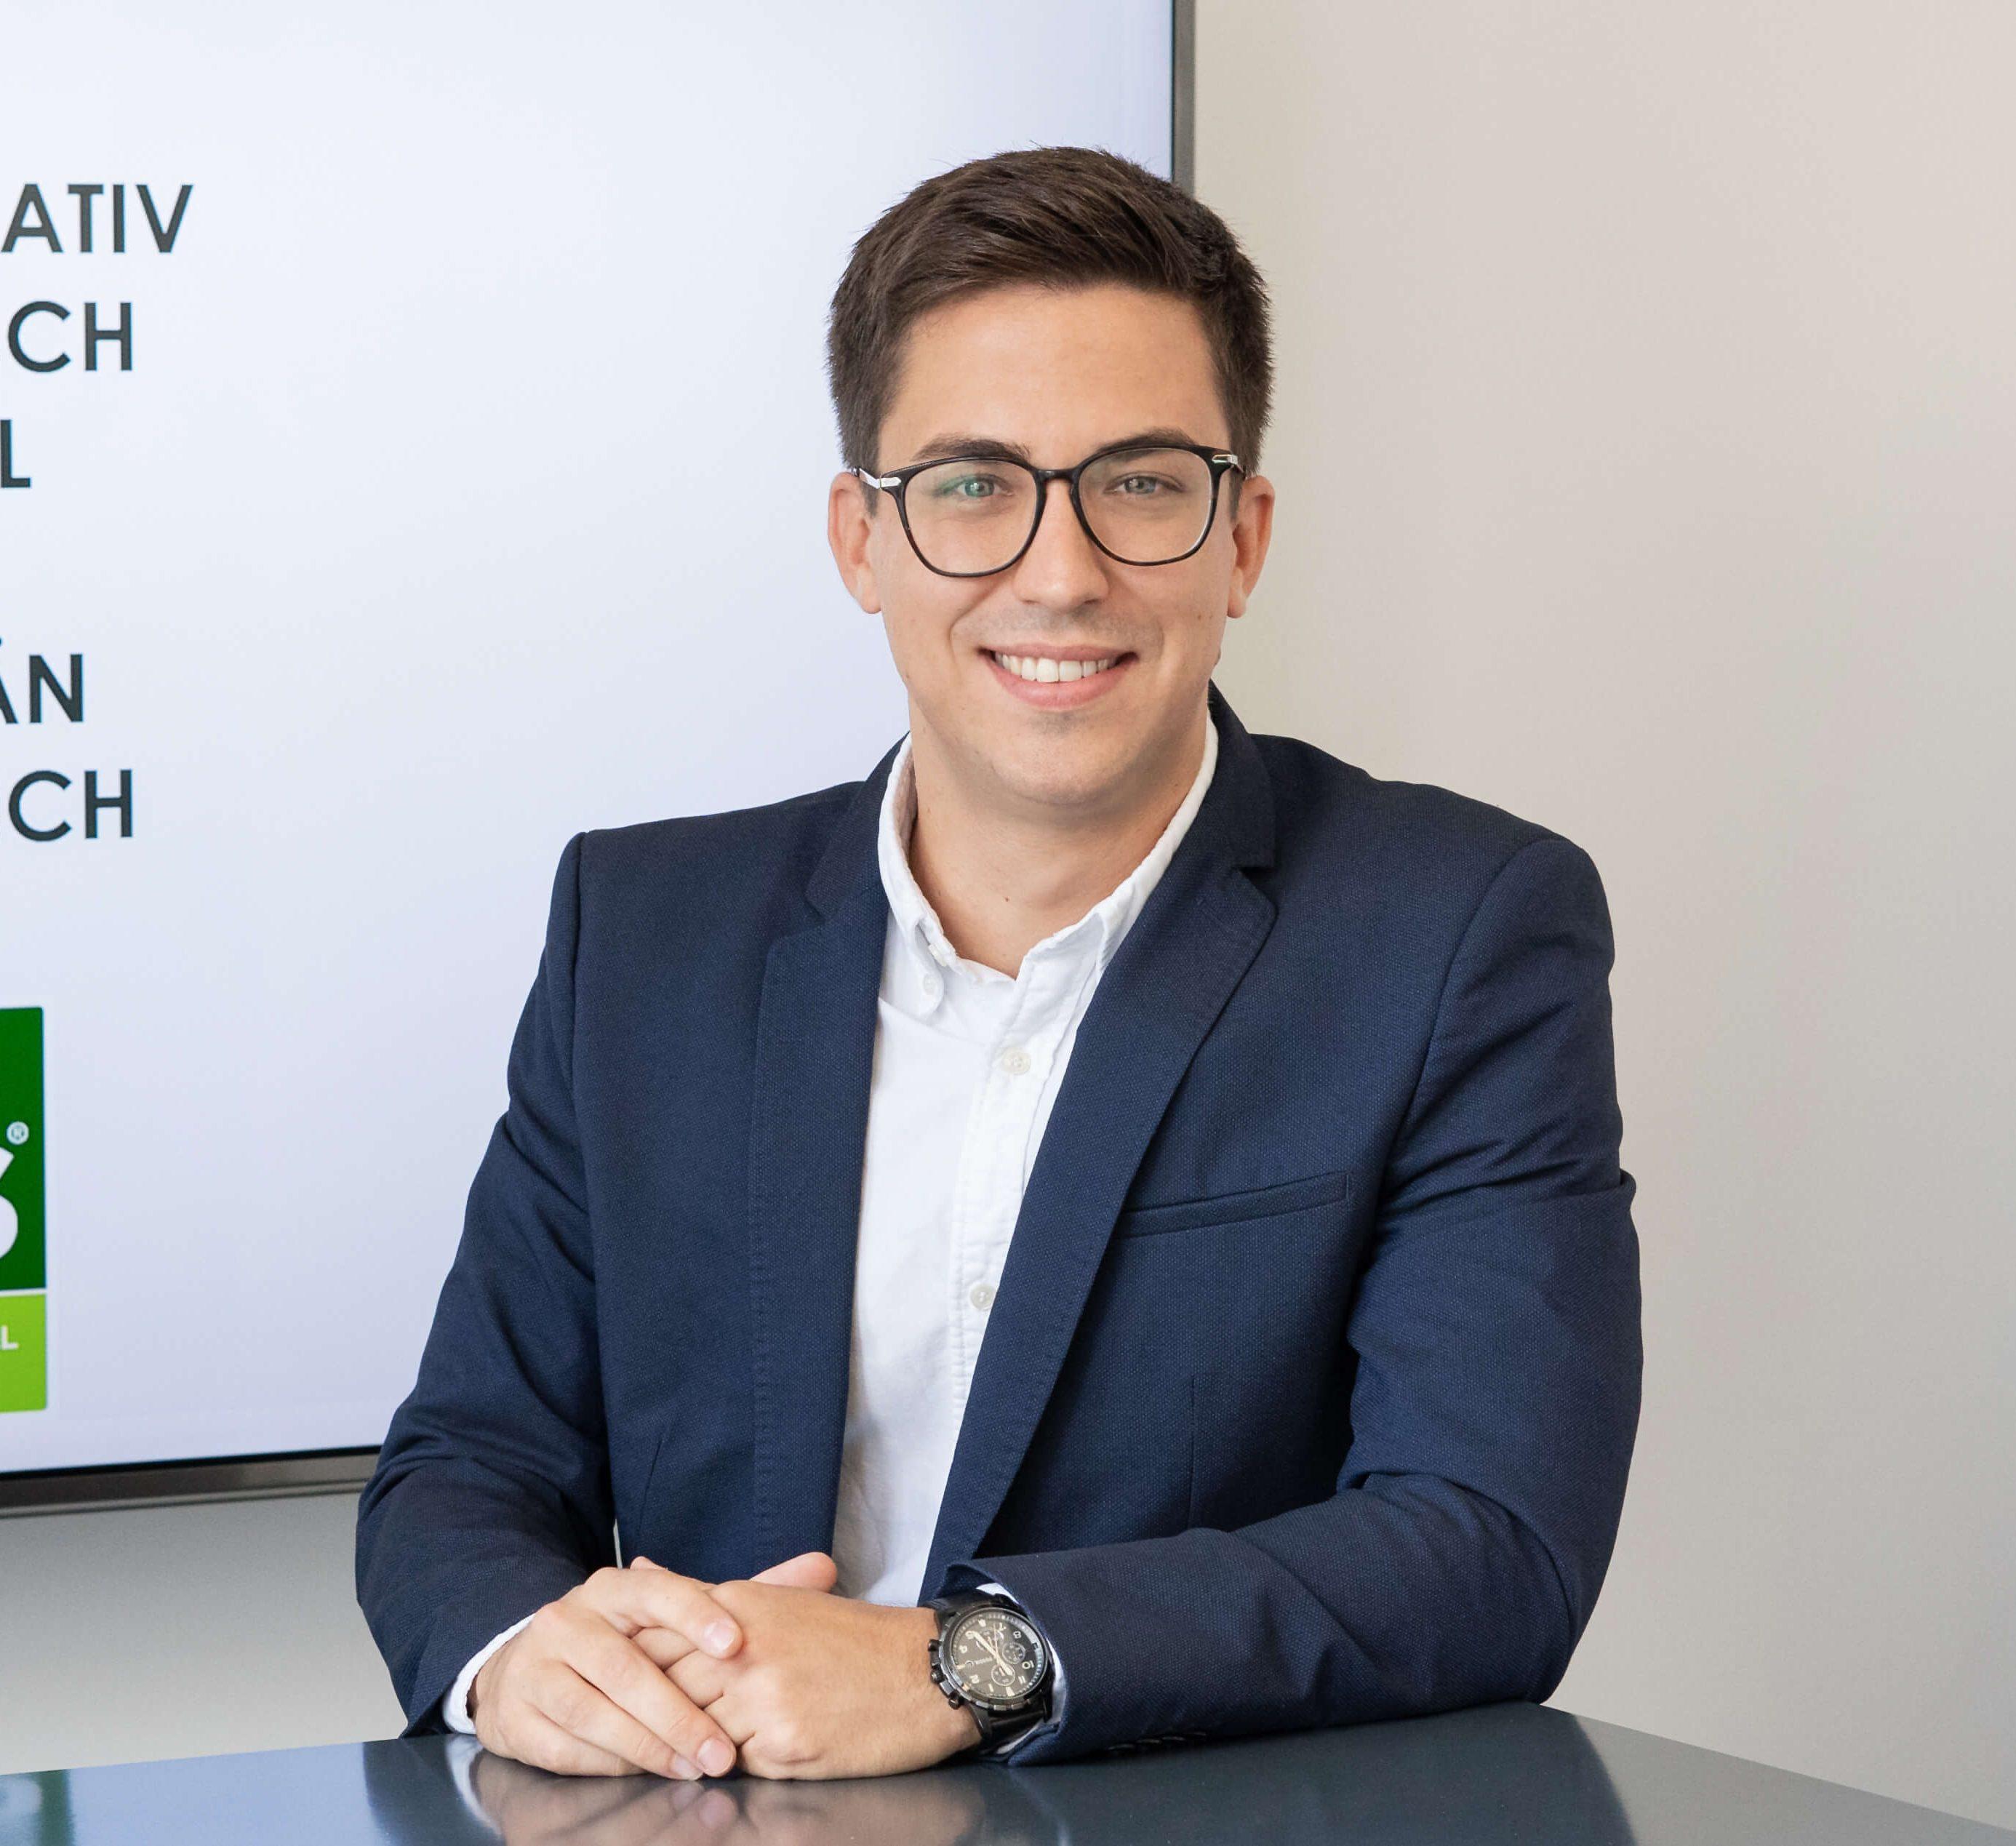 Ein junger Mann in Anzug lächelt in die Kamera, im Hintergrund das Logo von TMS Trademarketing Service GmbH